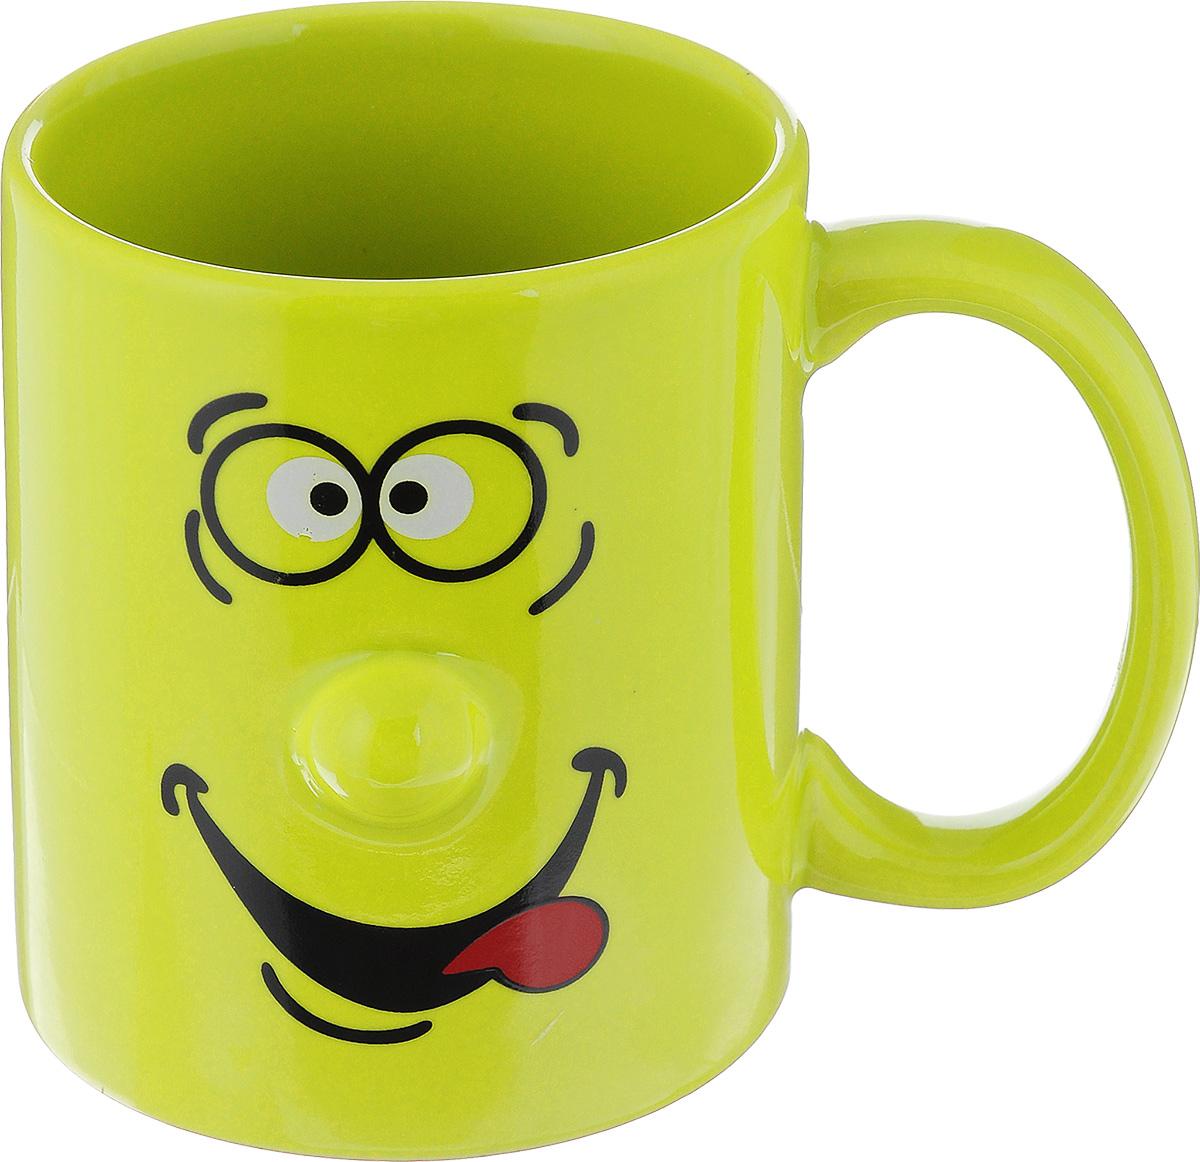 Кружка Walmer Smiley, цвет: зеленый, 300 млW06223030Кружка Walmer Smiley выполнена из керамики и оформлена изображением забавного смайлика. Она станет отличным дополнением к сервировке семейного стола и замечательным подарком для ваших родных и друзей. Не рекомендуется применять абразивные моющие средства. Диаметр кружки по верхнему краю: 8 см. Высота кружки: 9,5 см.